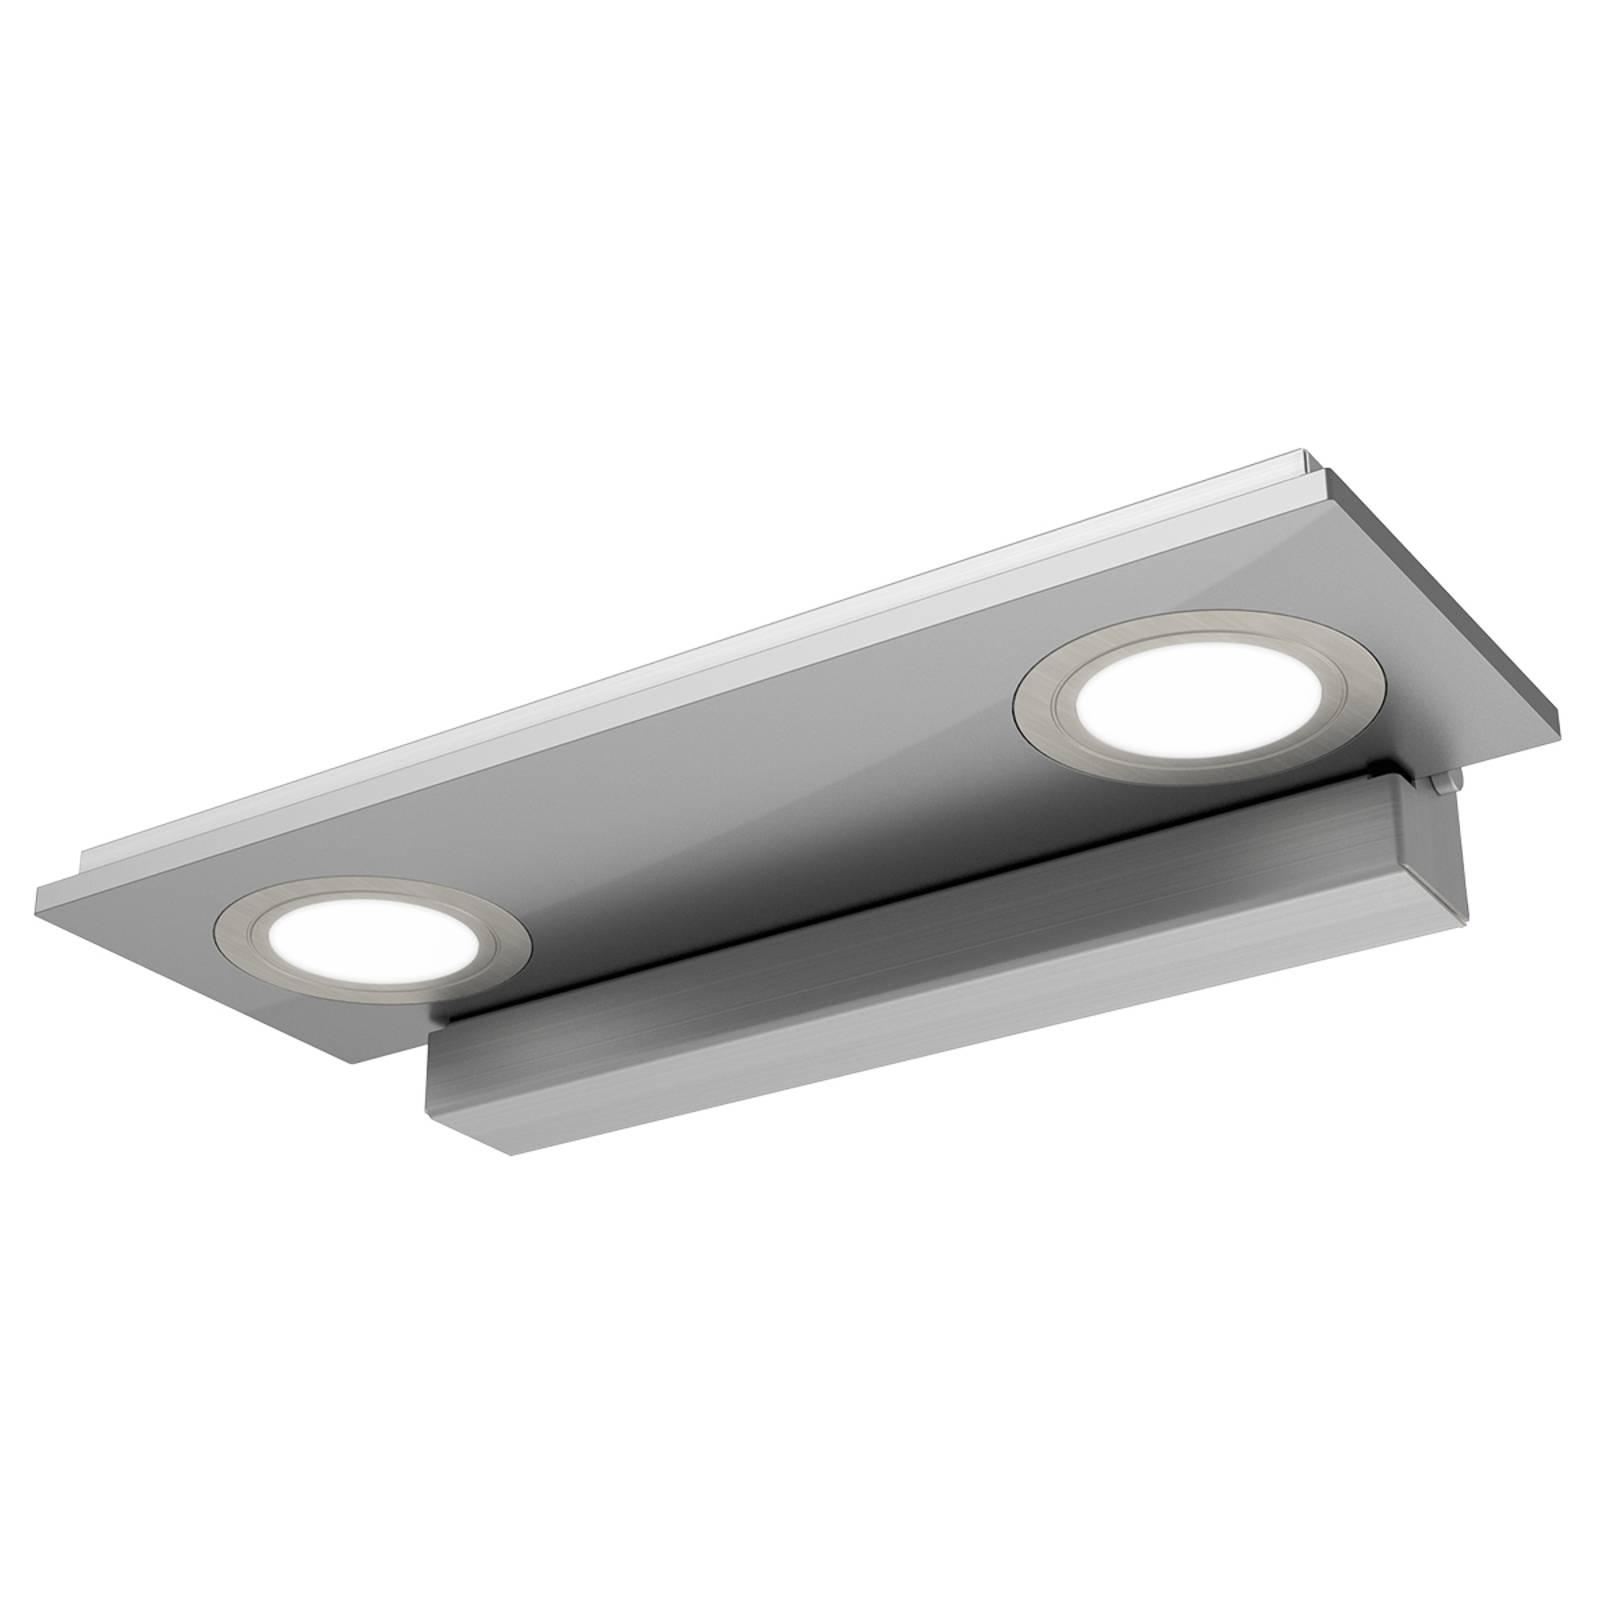 2-osainen Pano-LED-seinävalaisin, metalli